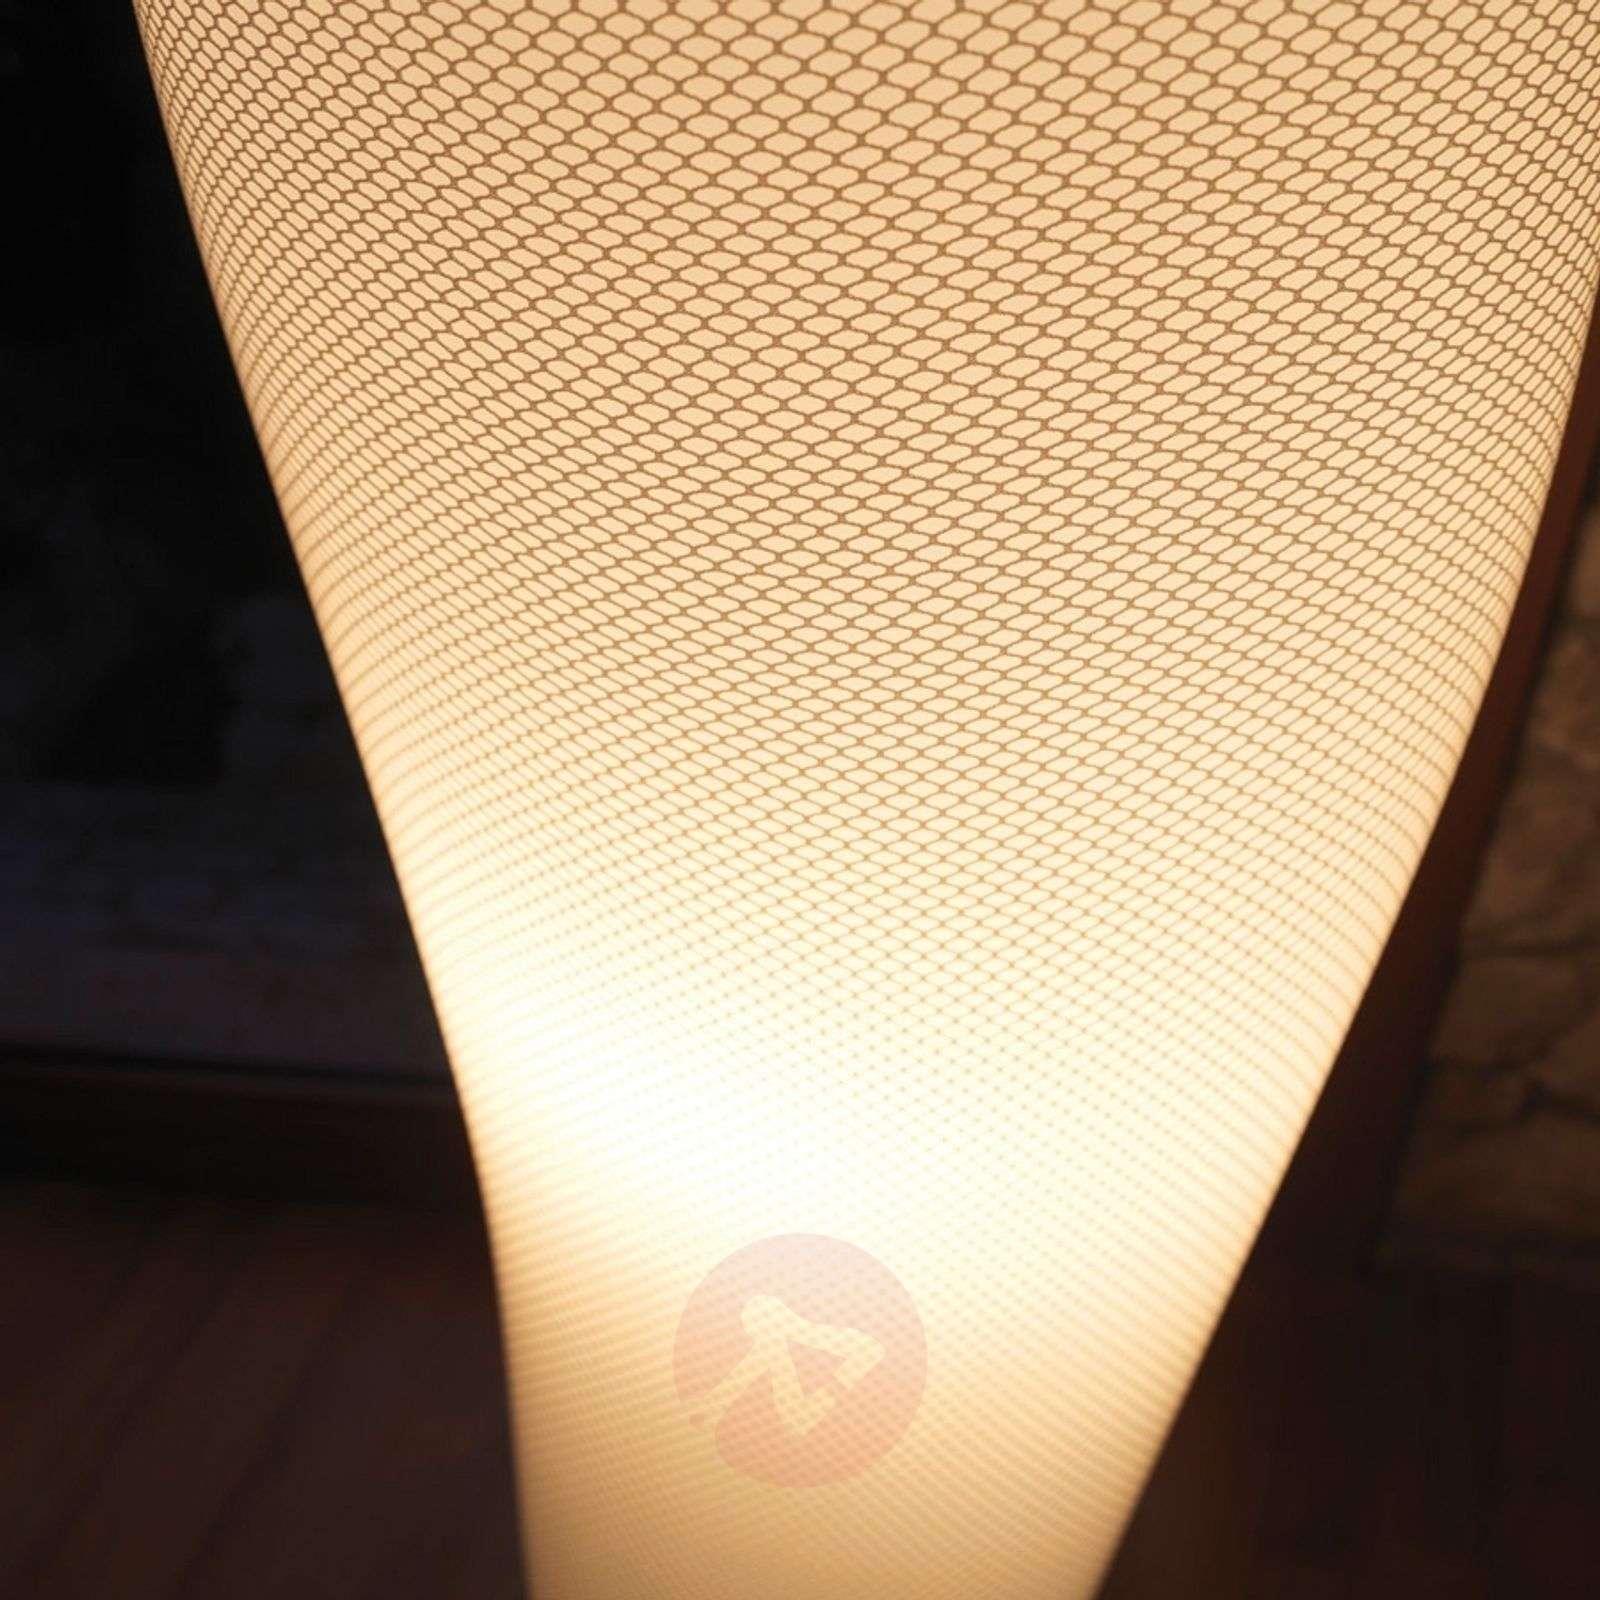 Net for floor lamp Warm-5501078X-01